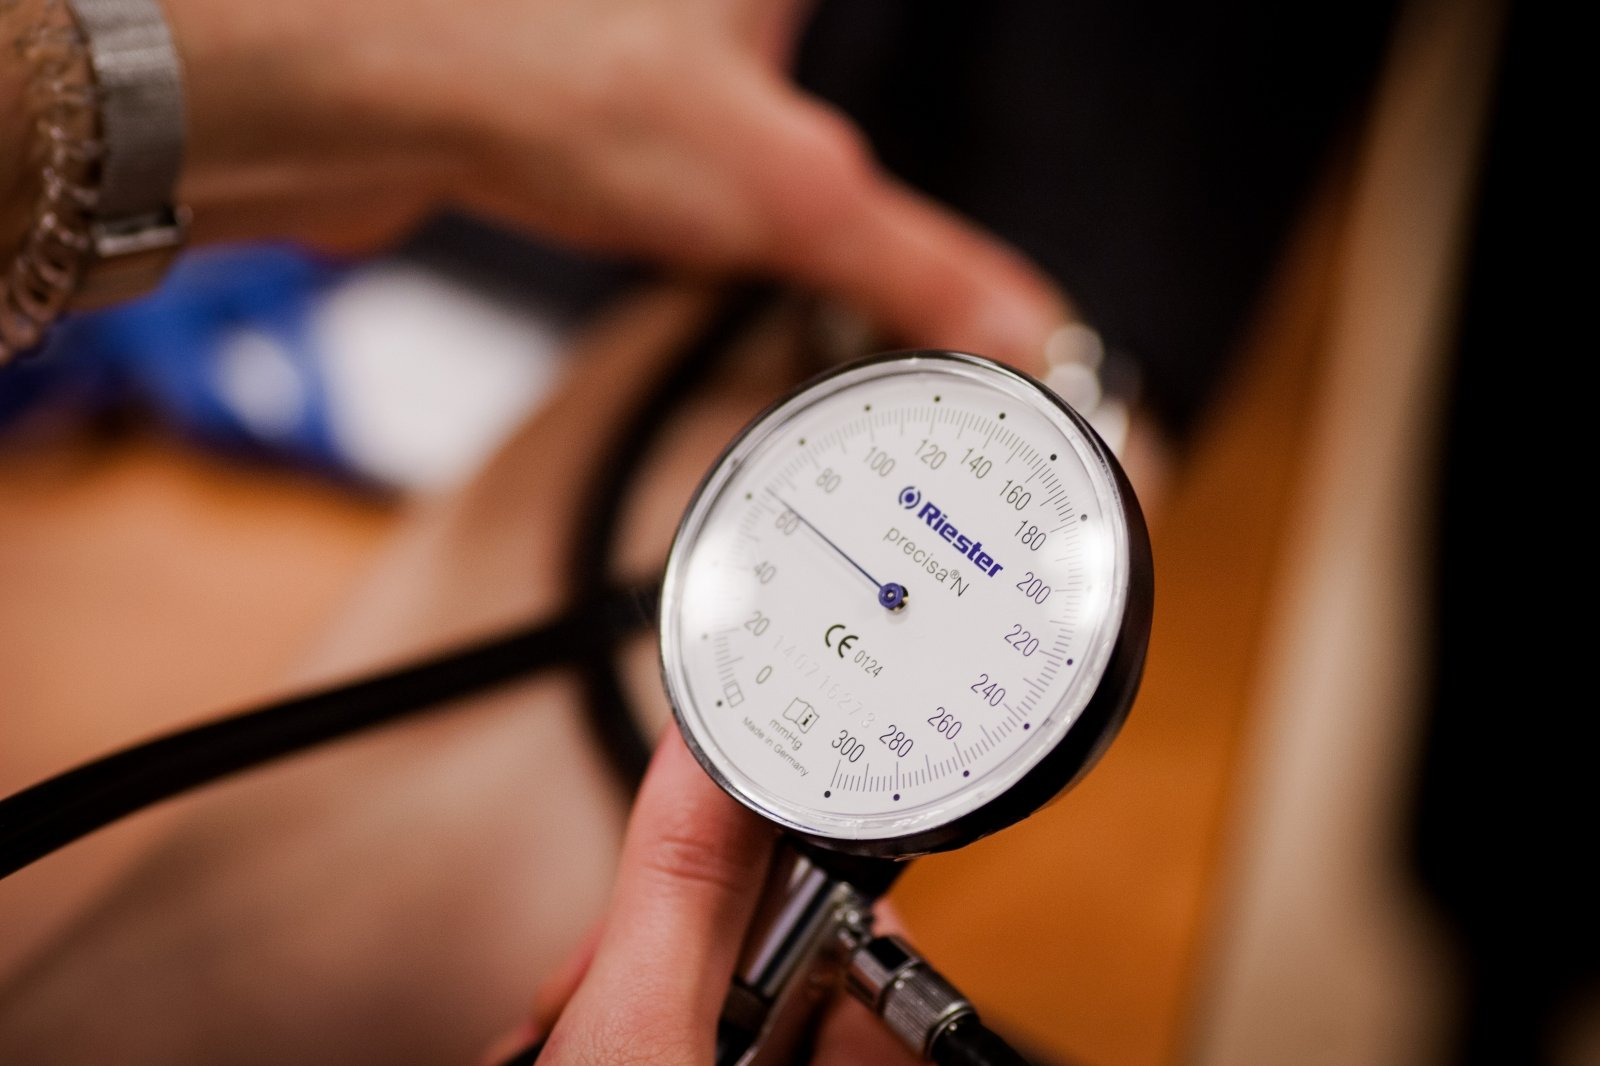 kaip liaudiškai gydyti hipertenziją kaip padaryti masažą hipertenzijai